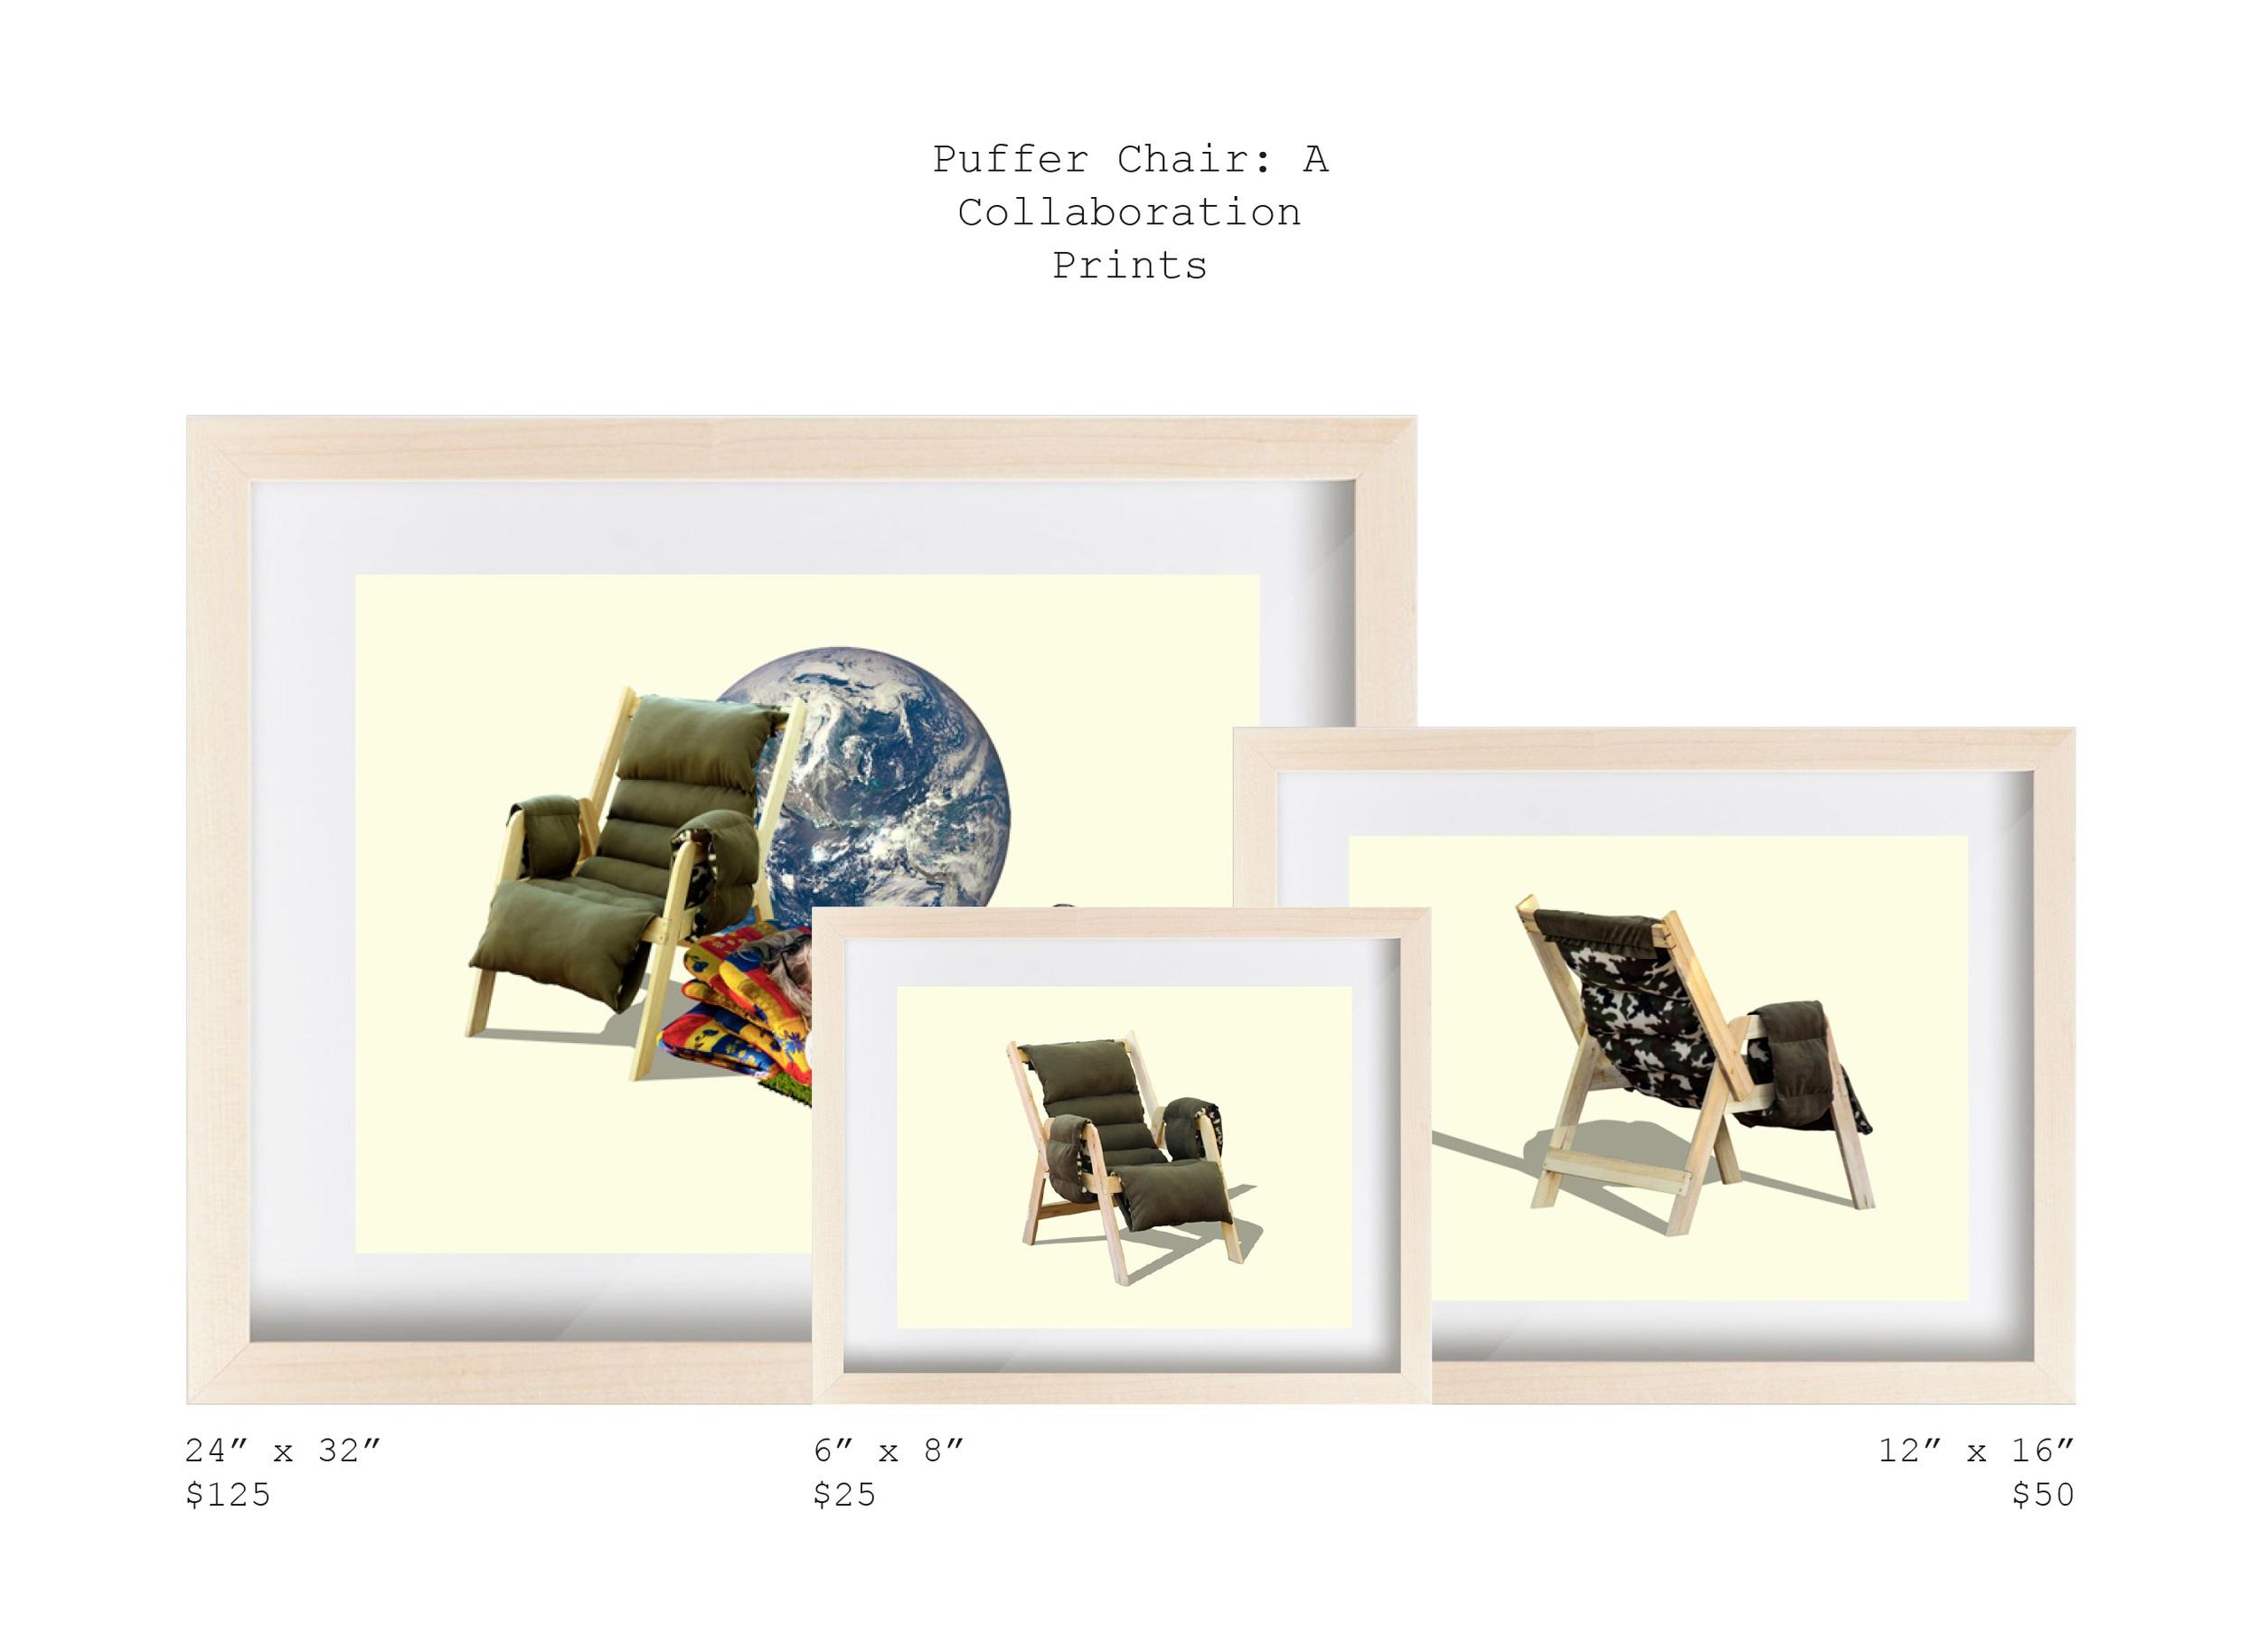 Puffer+Chair+Print+Sizes.jpg